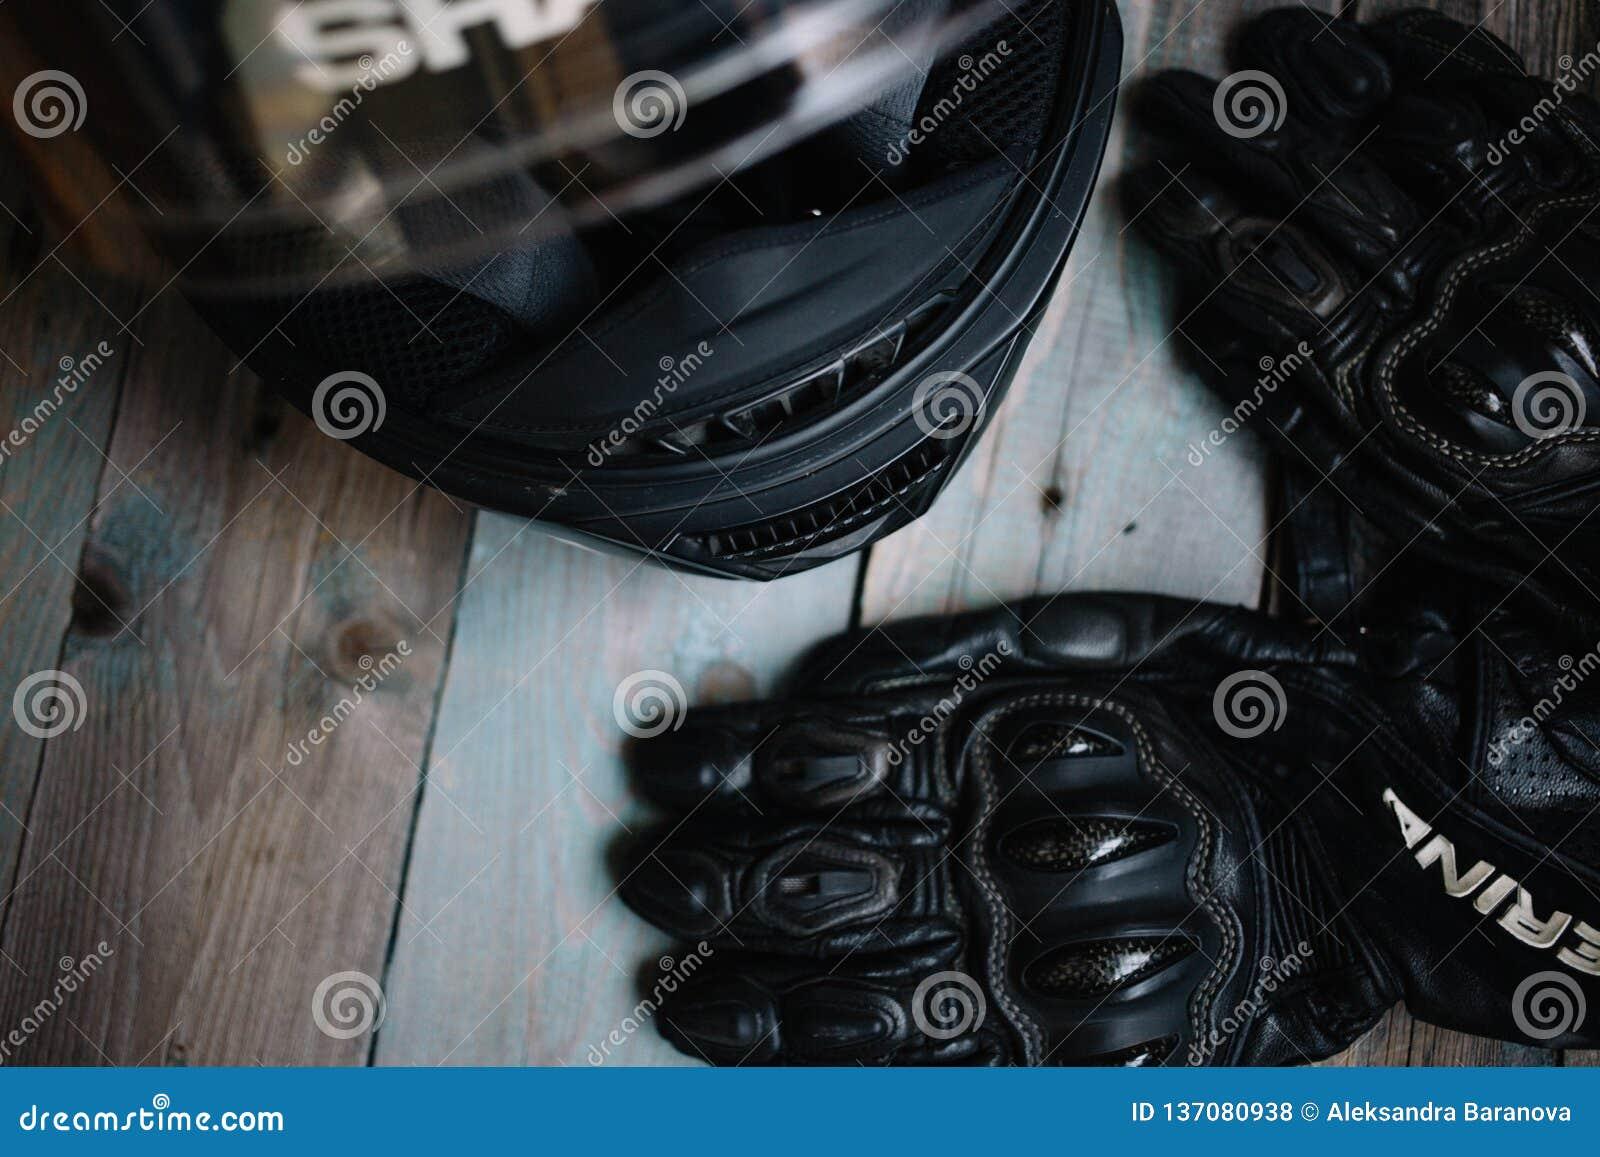 Fryazino, Rusland - 06 18 2018: motorrijdertoebehoren helm en handschoenen op houten lijst, hoogste mening